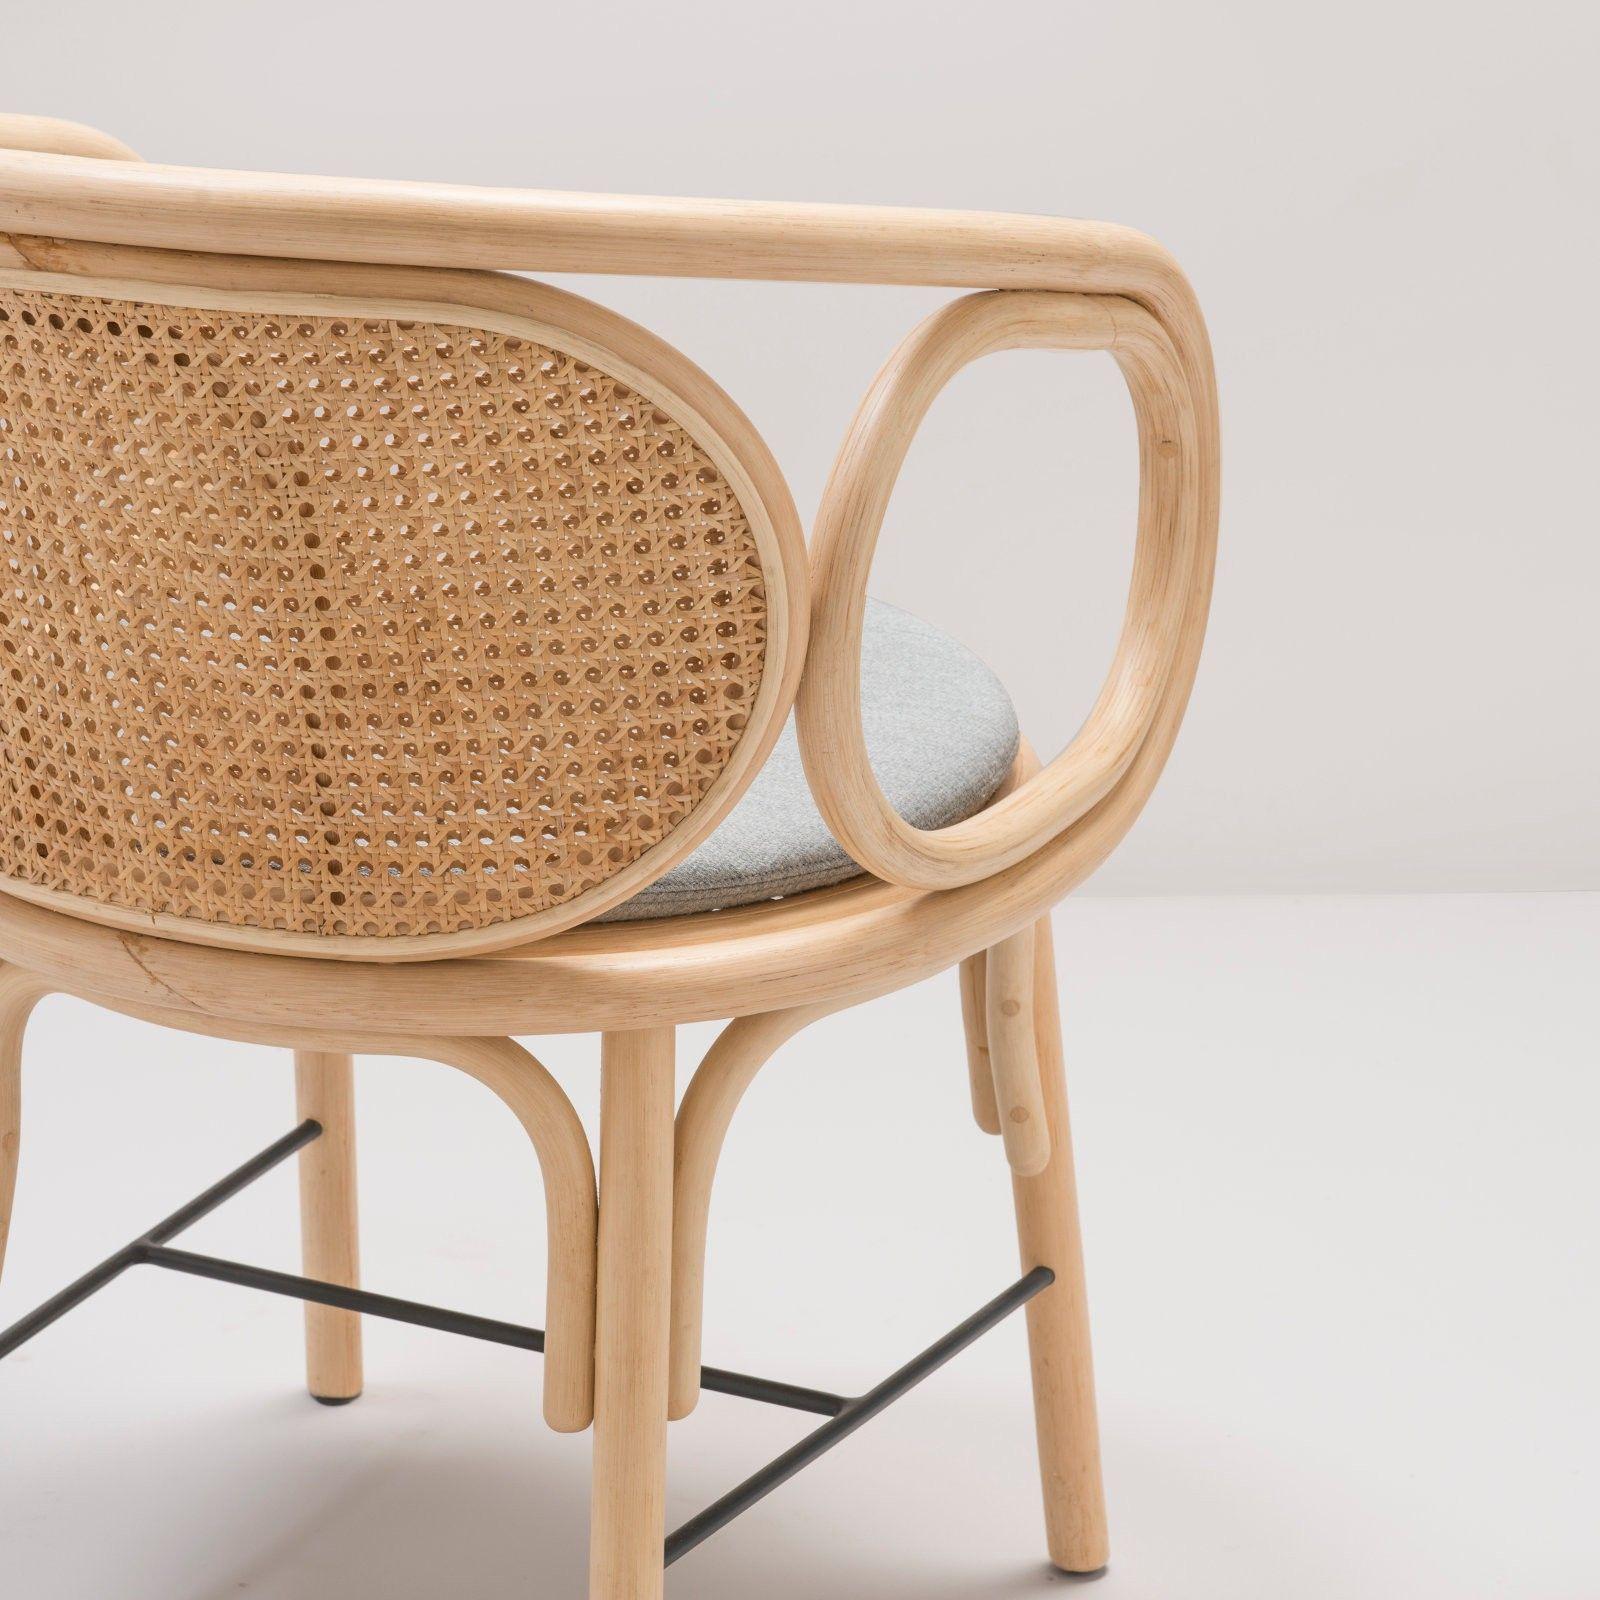 Bridge En Rotin Et Cannage Design Contour Par Le Studio Ac Al Fauteuil De Table Fauteuil Rotin Meuble Rotin